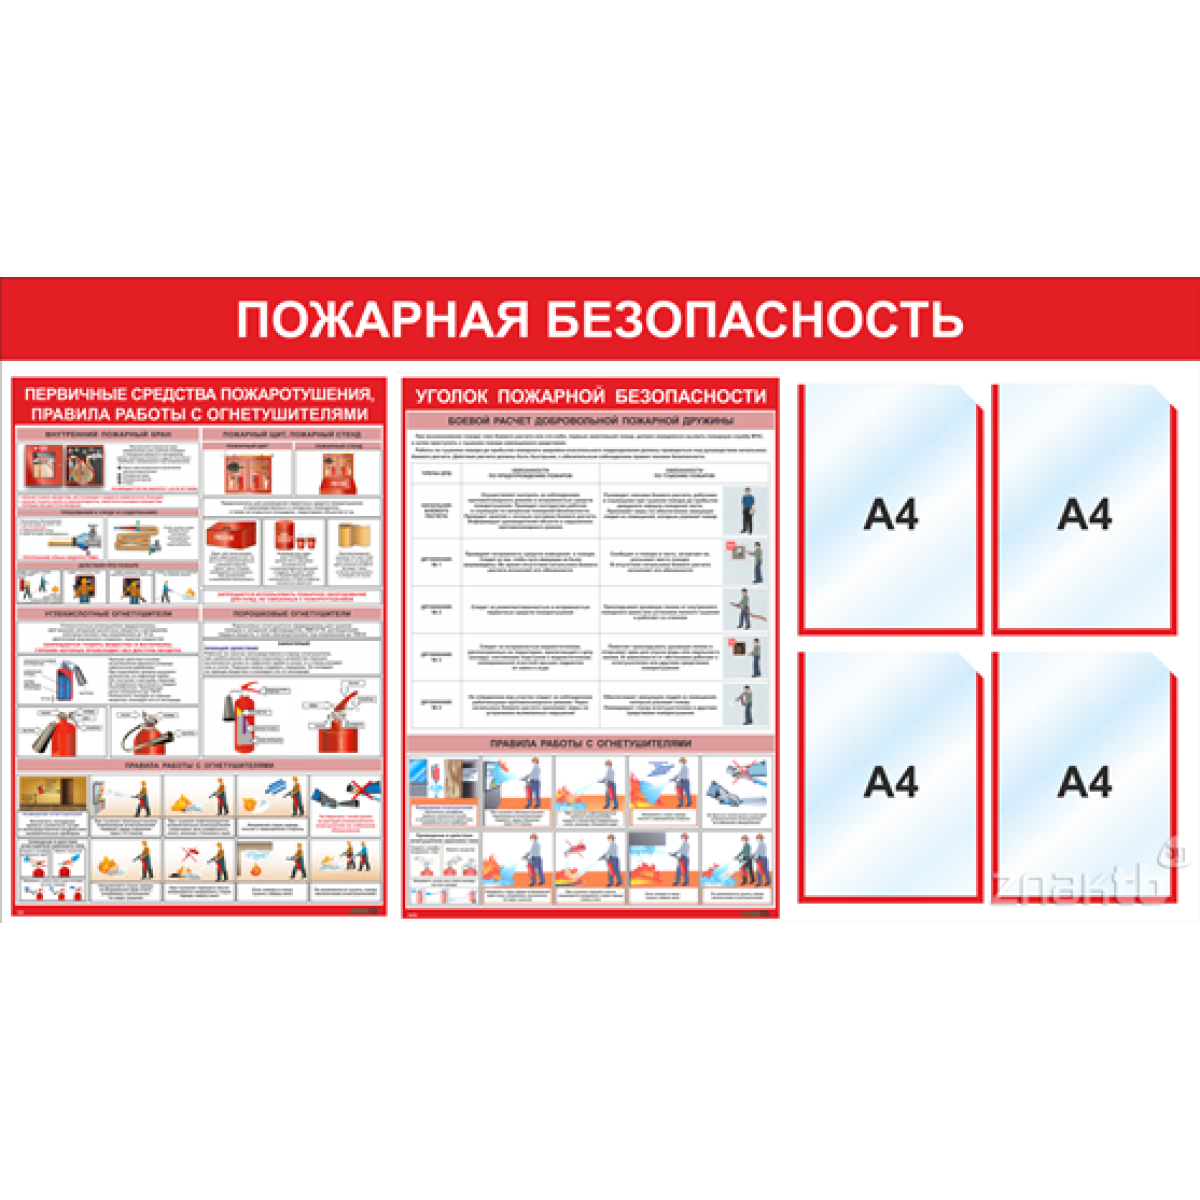 Стенд по пожарной безопасности карманы А4 и 2 плаката по пожарной безопасности